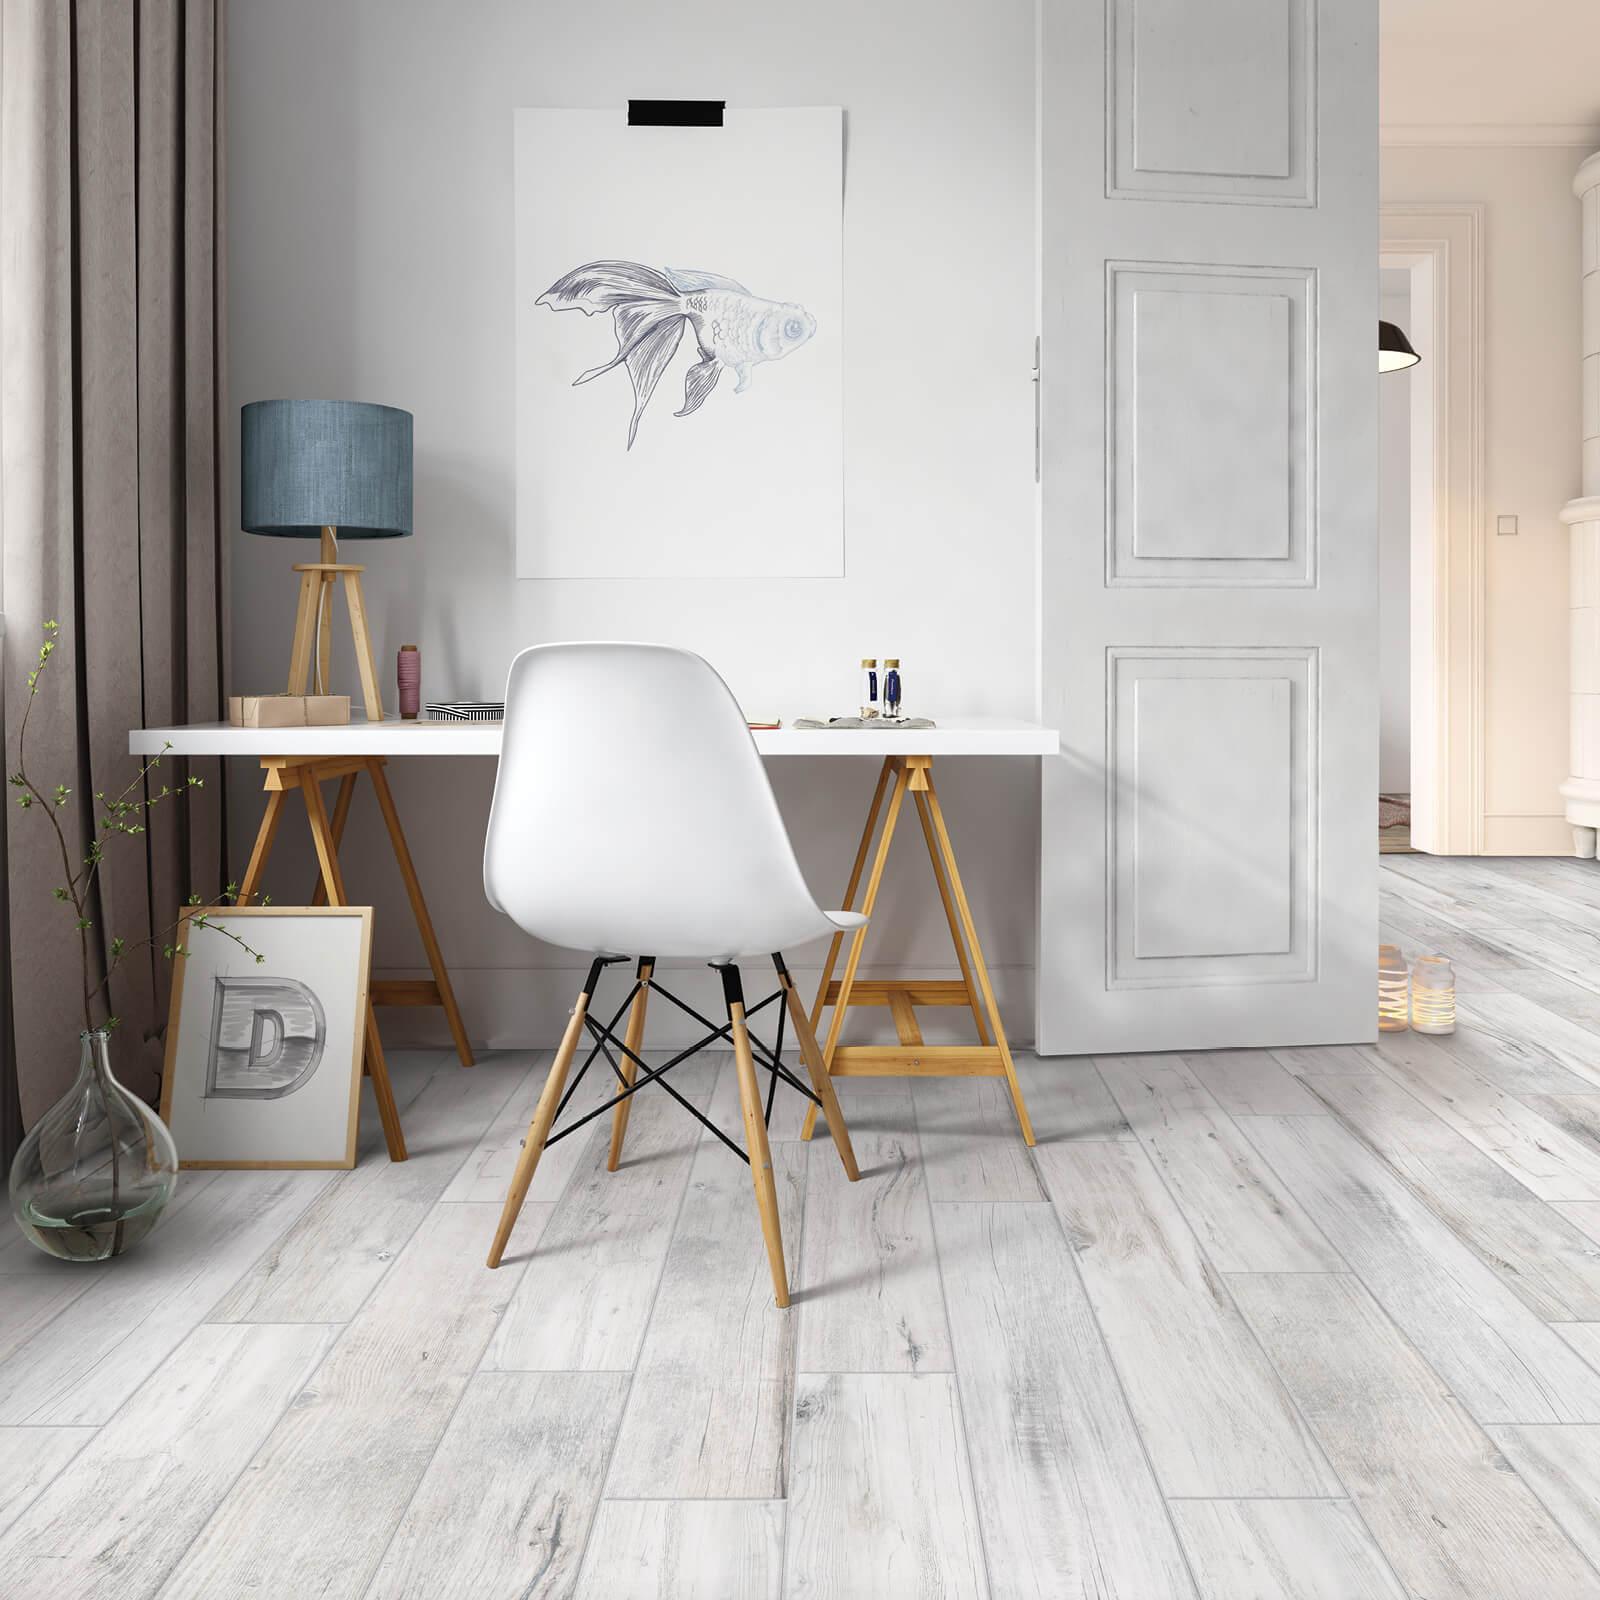 Study room Vinyl flooring | McSwain Carpet & Floors